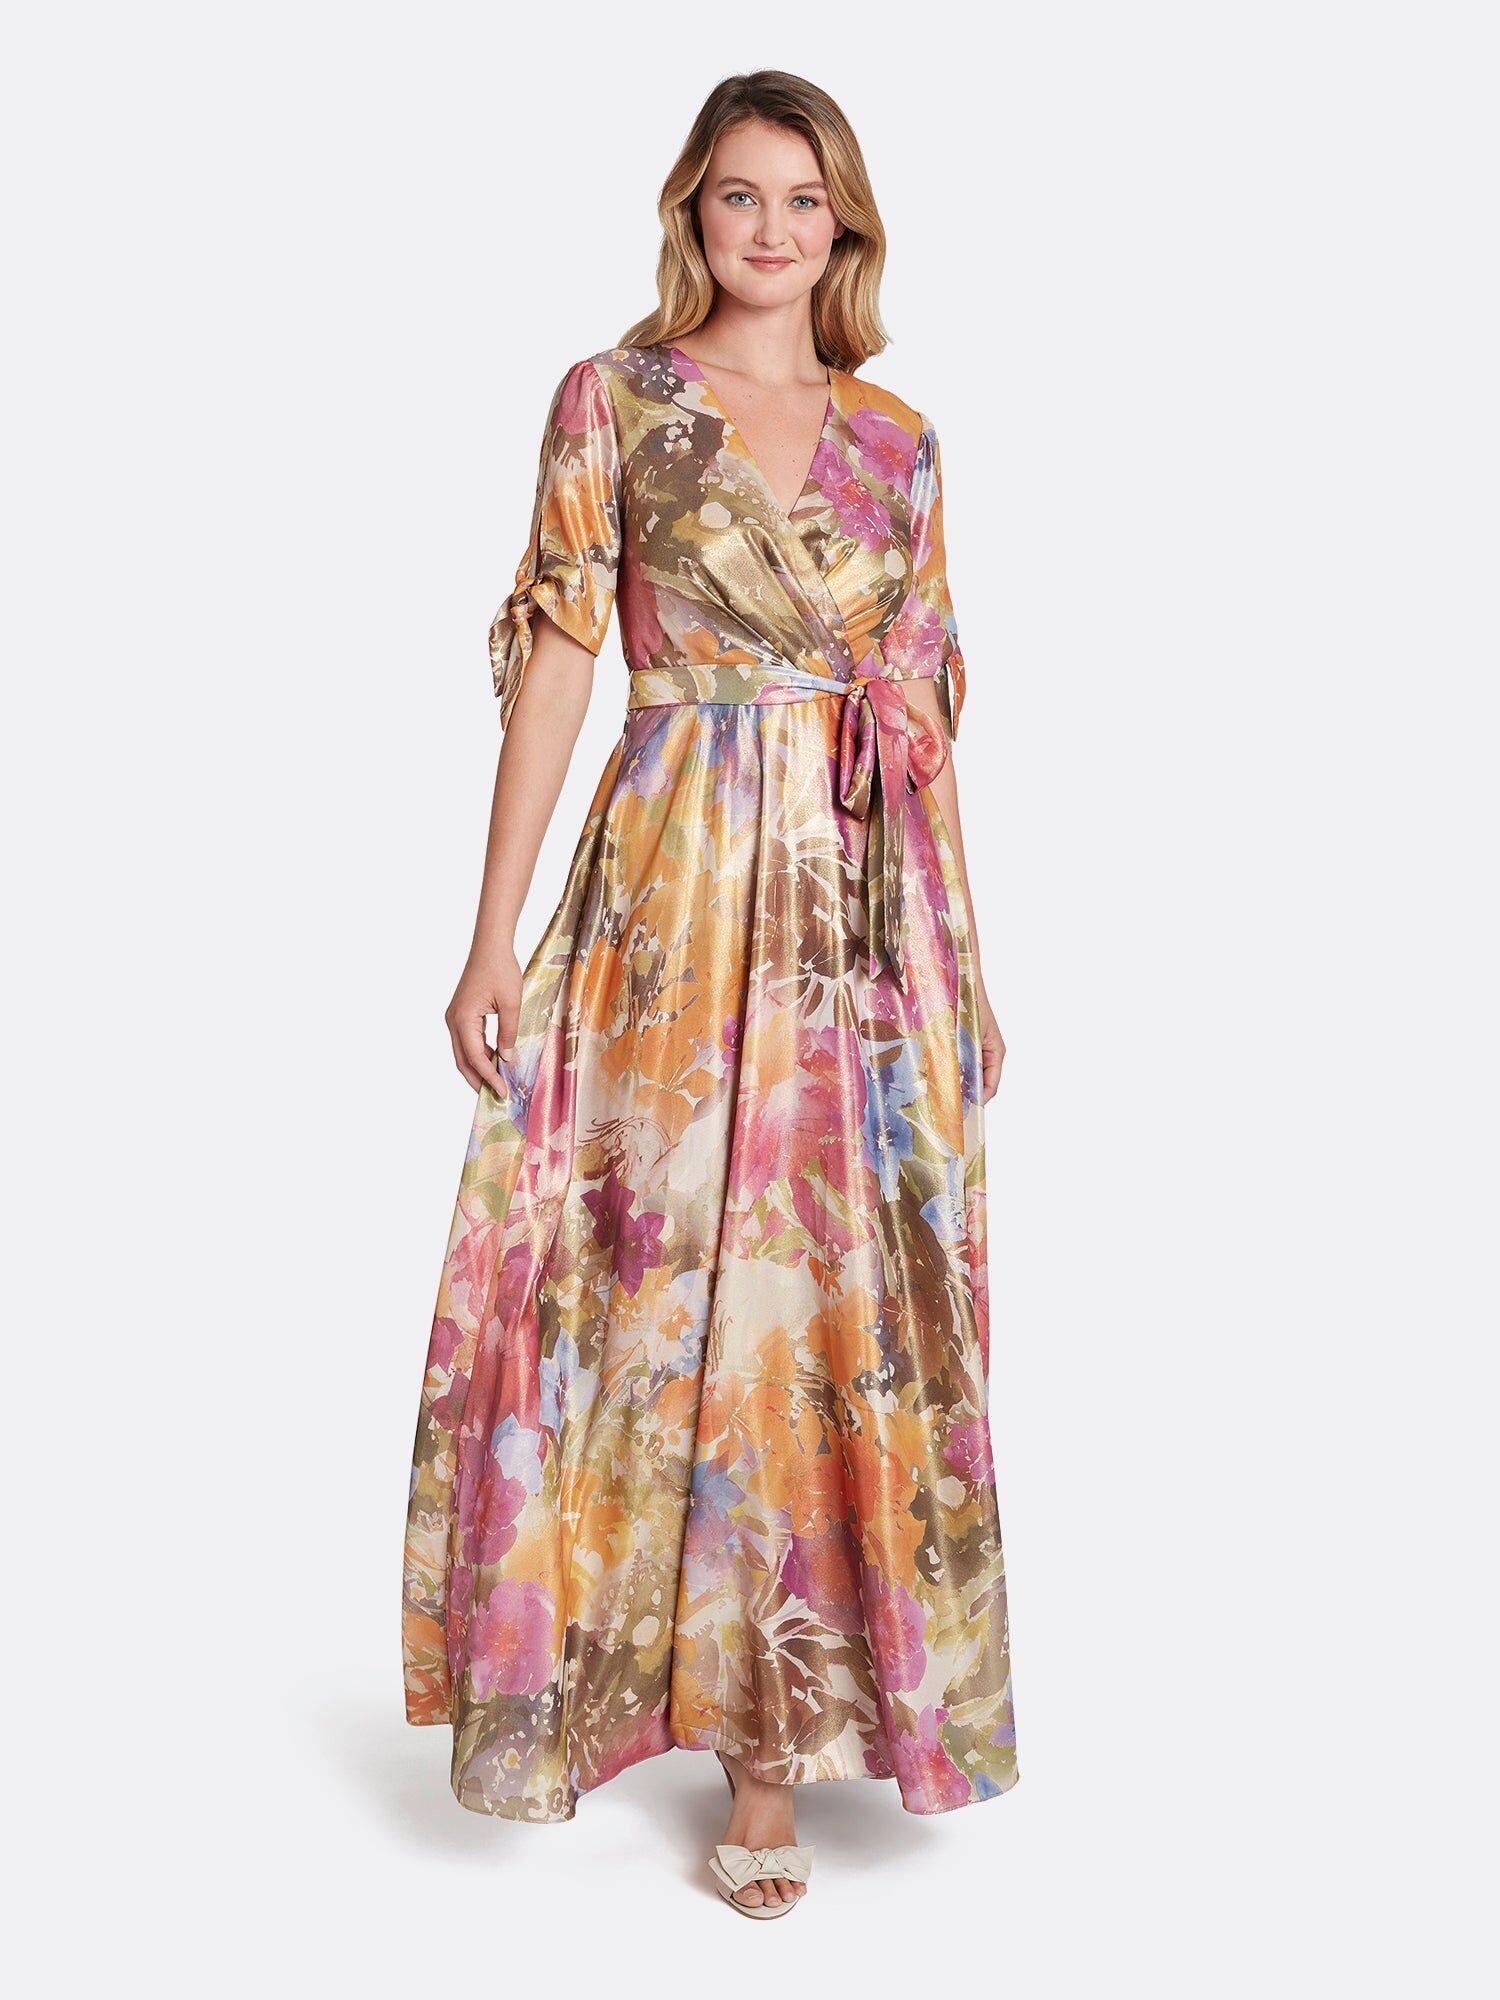 Tahari ASL Floral Tie-Sleeve Gown Wild Aster Garden Size: 6 Georgette